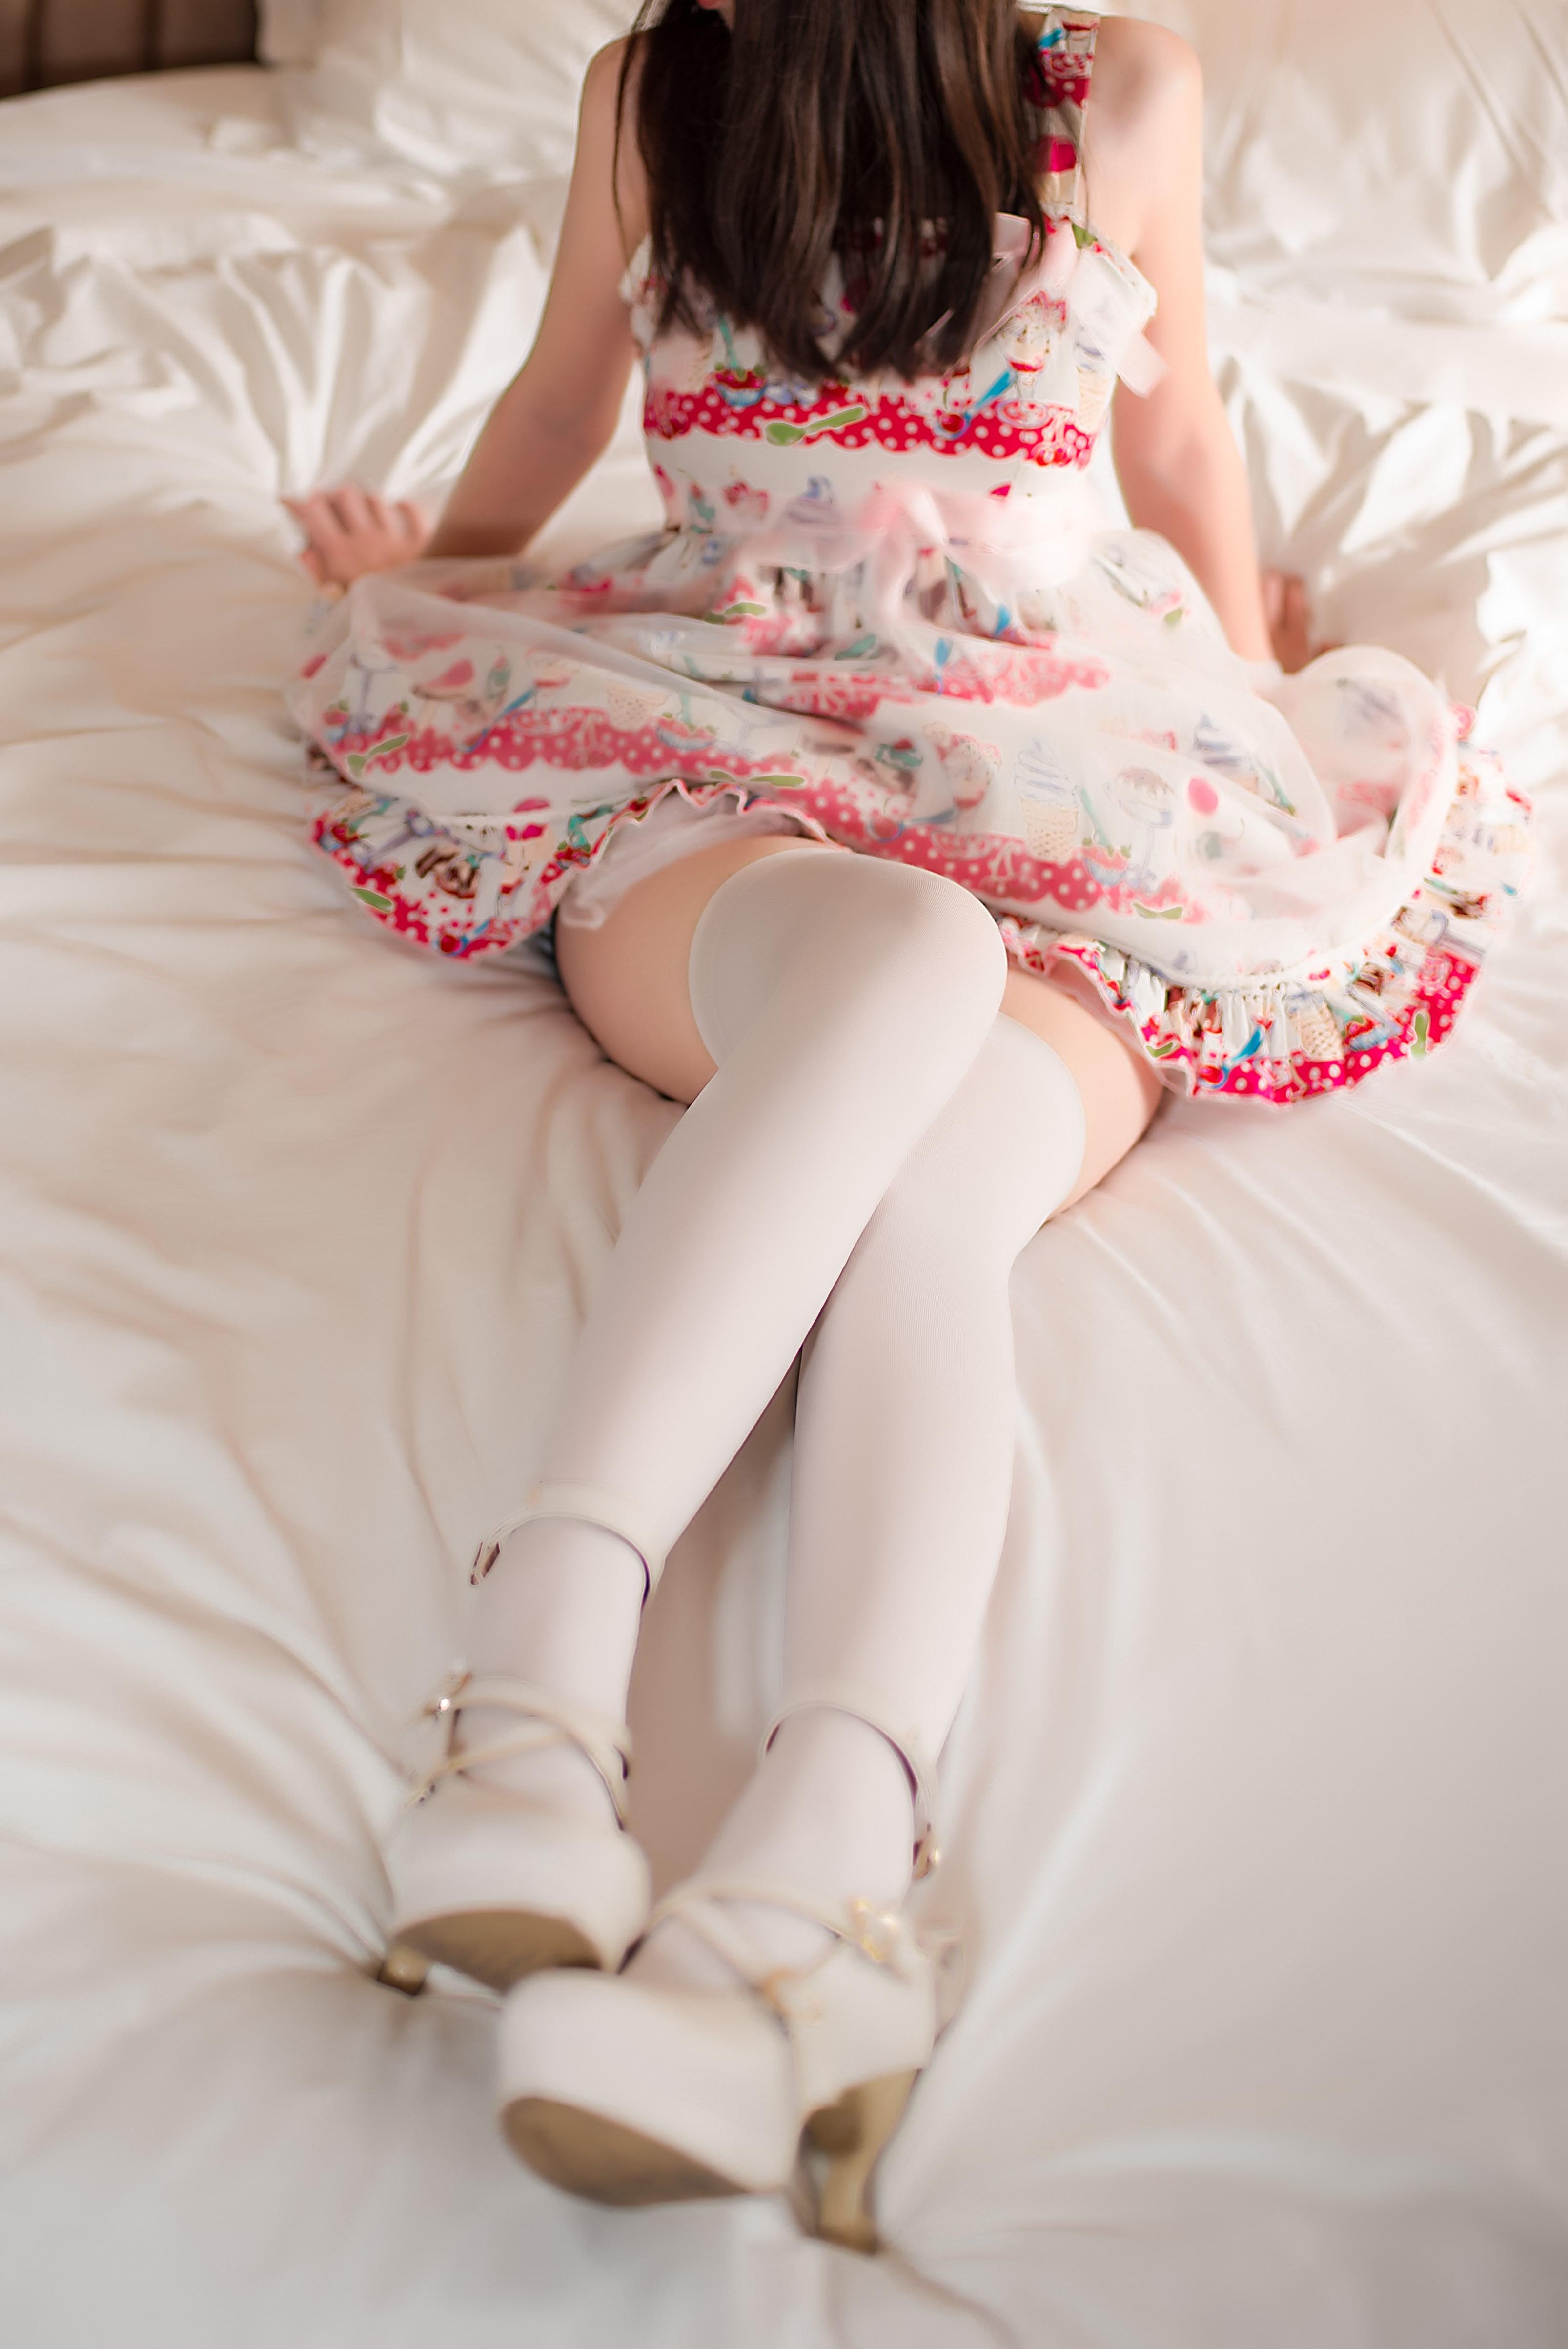 【兔玩映画】粉色小裙子 兔玩映画 第6张